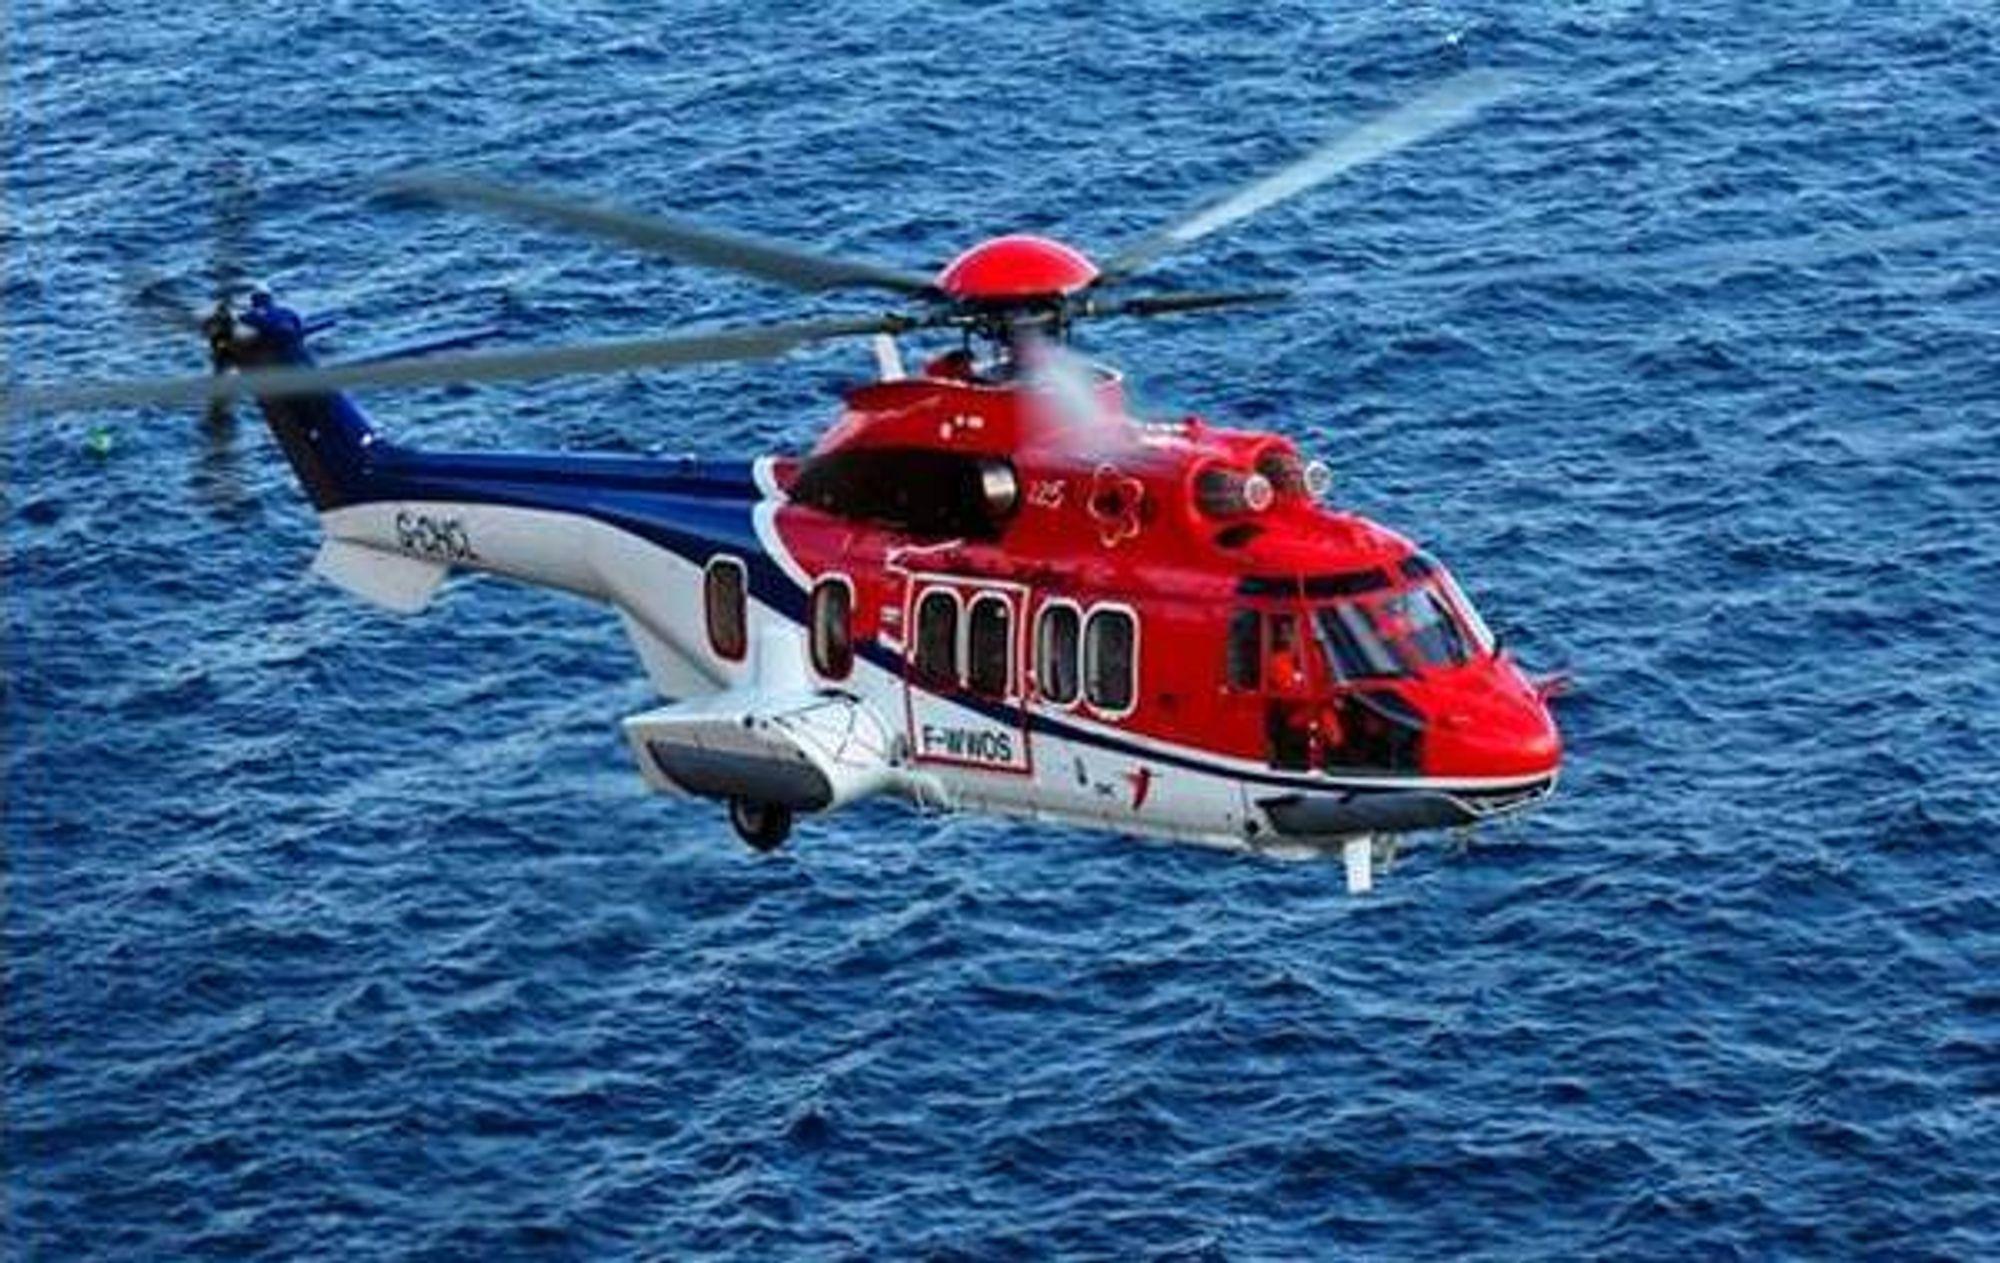 Et helikopter av typen EC225 måtte nødlande på Åsgard B-plattformen torsdag ettermiddag.